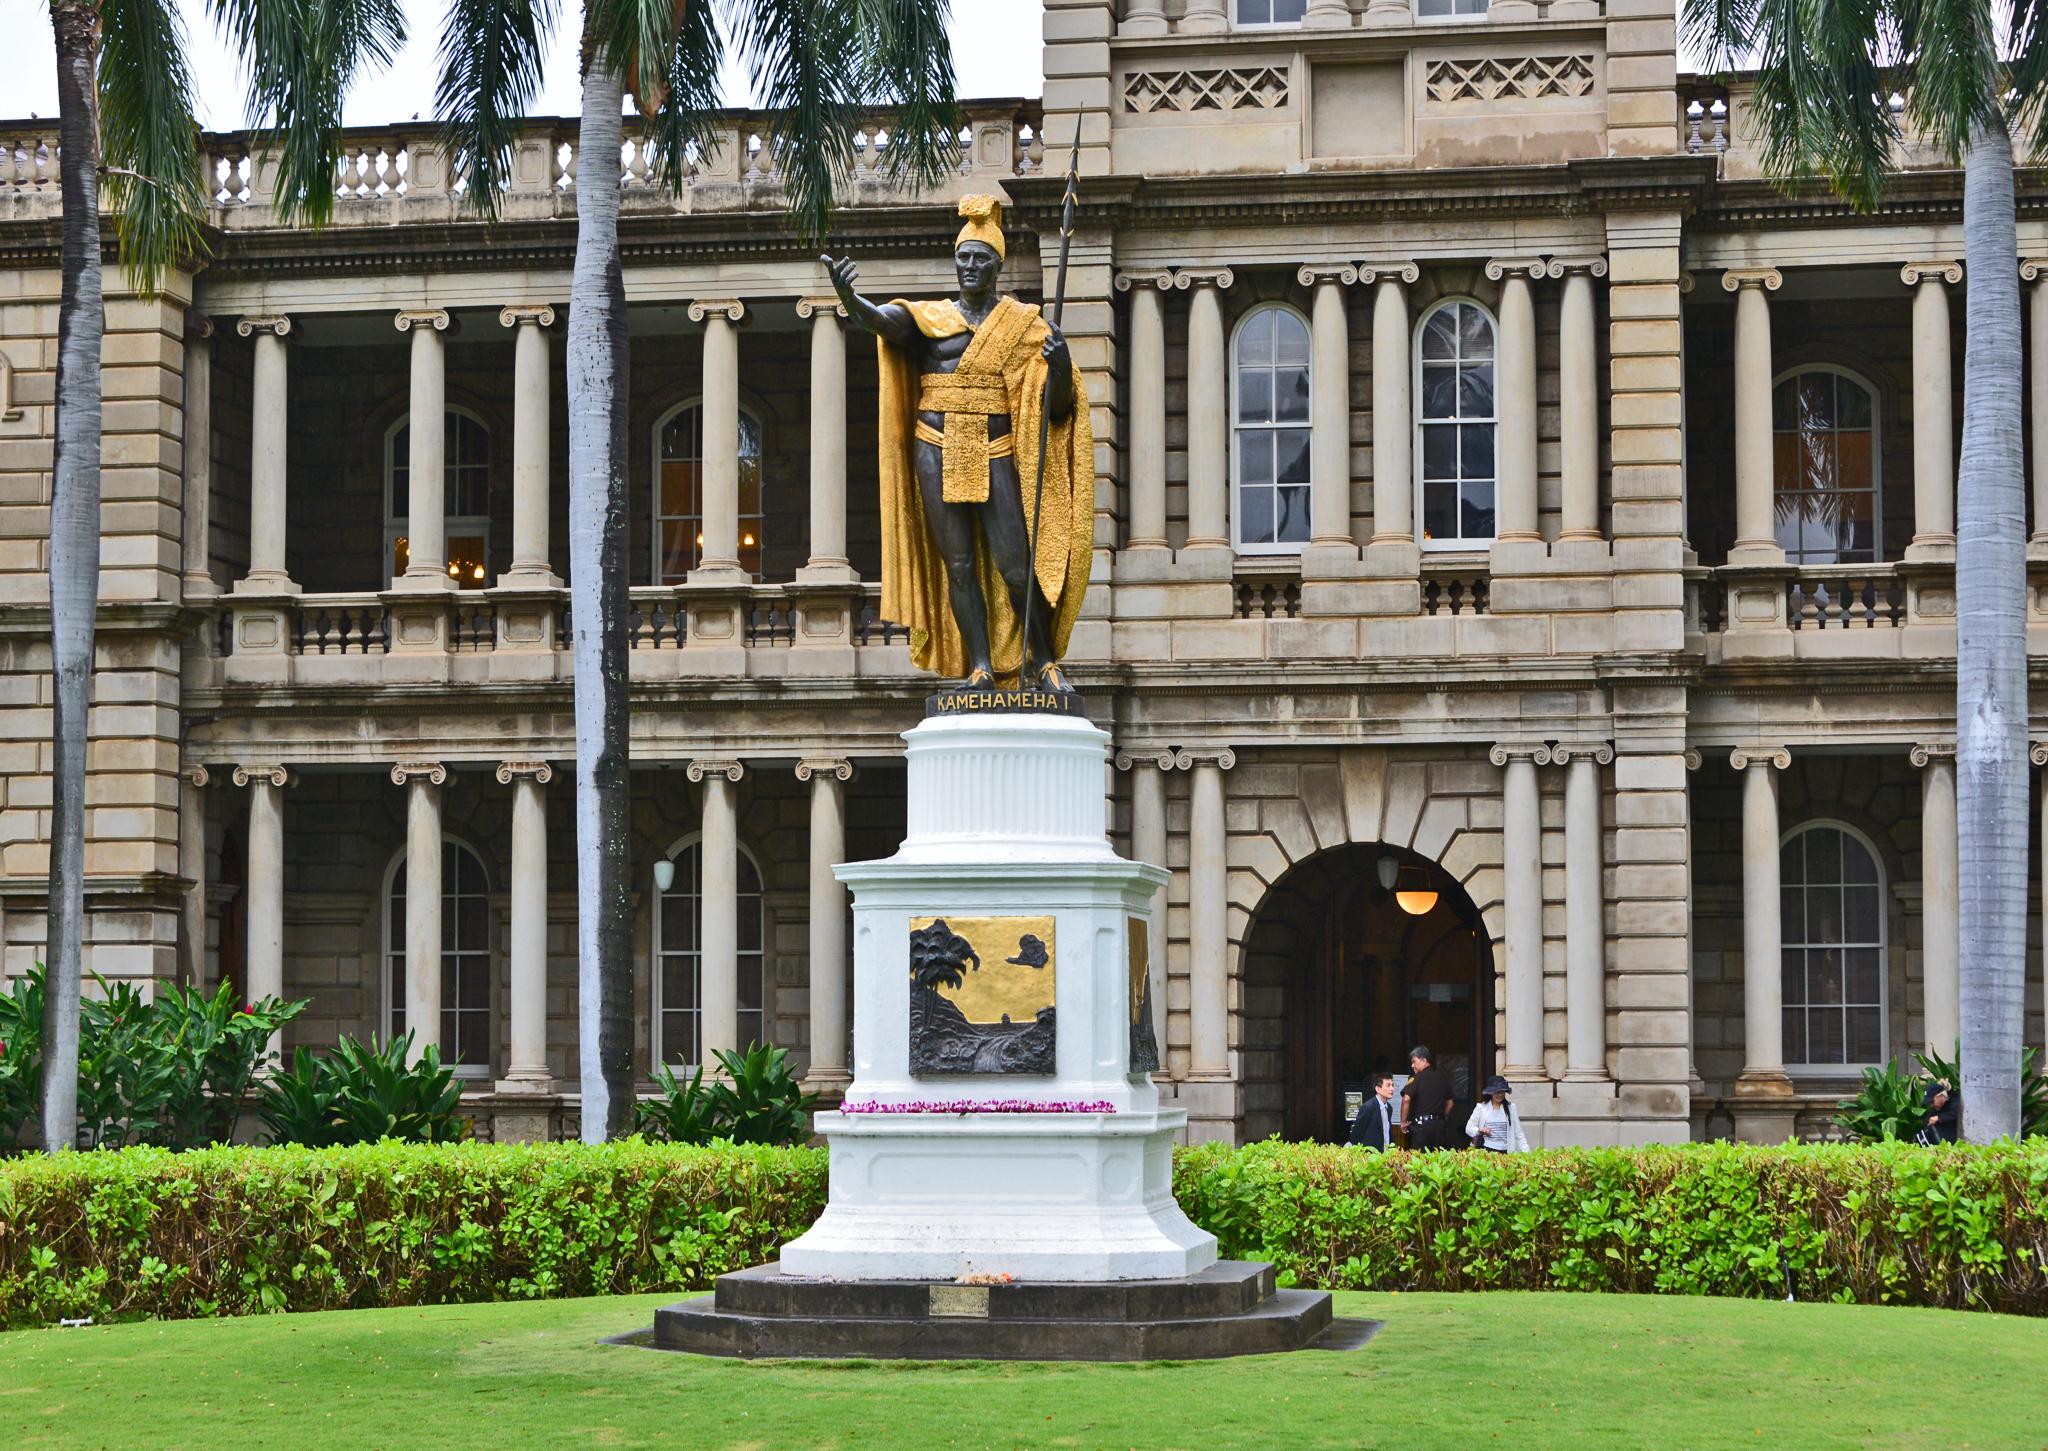 ⇑ ダウンタウンのハワイ州最高裁判所前、カメハメハ大王像